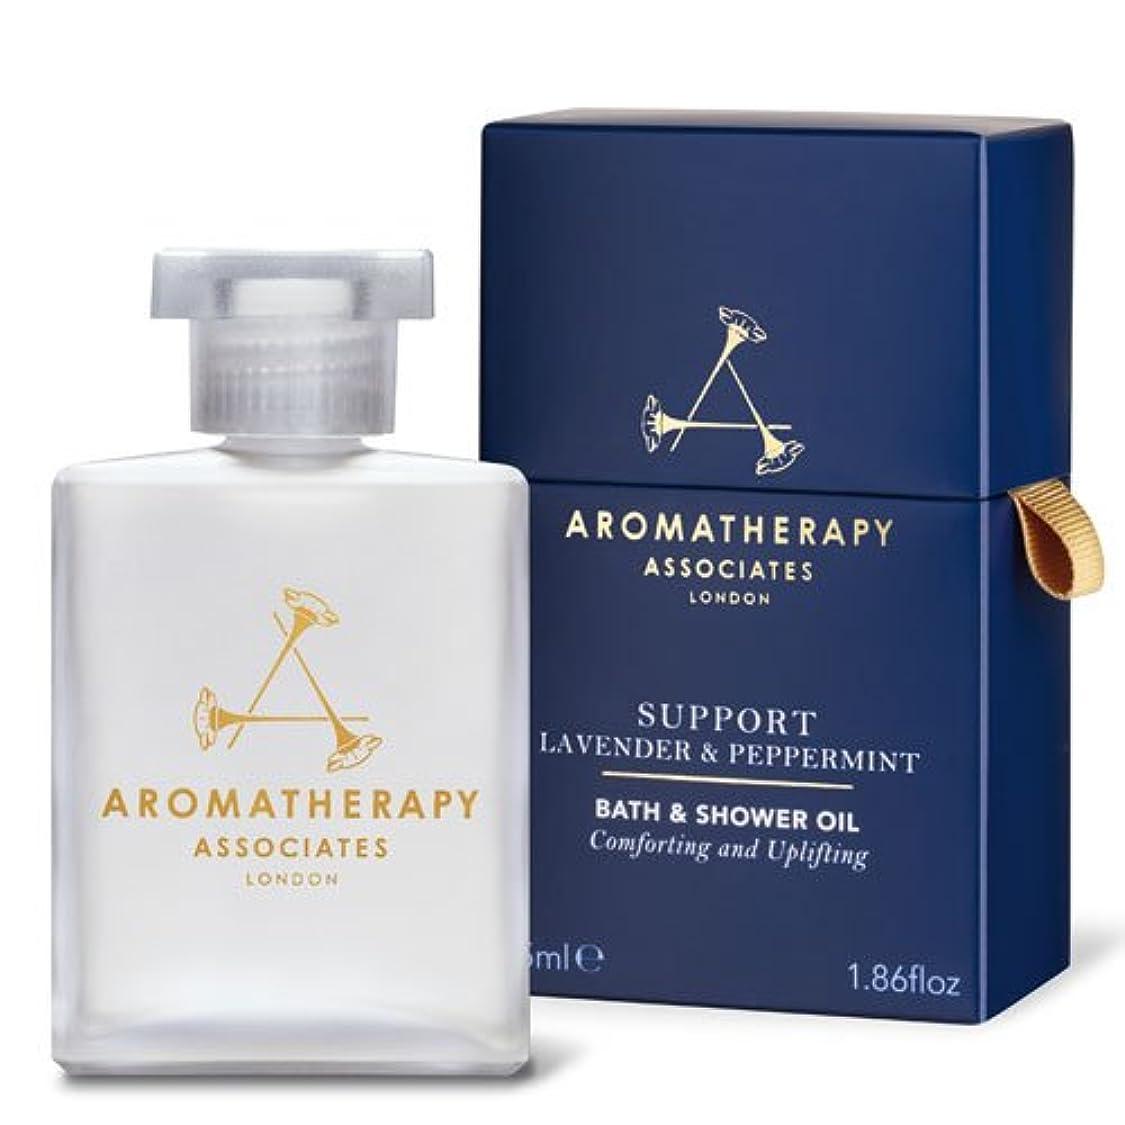 親素晴らしさよく話されるアロマセラピー アソシエイツ Support - Lavender & Peppermint Bath & Shower Oil 55ml/1.86oz